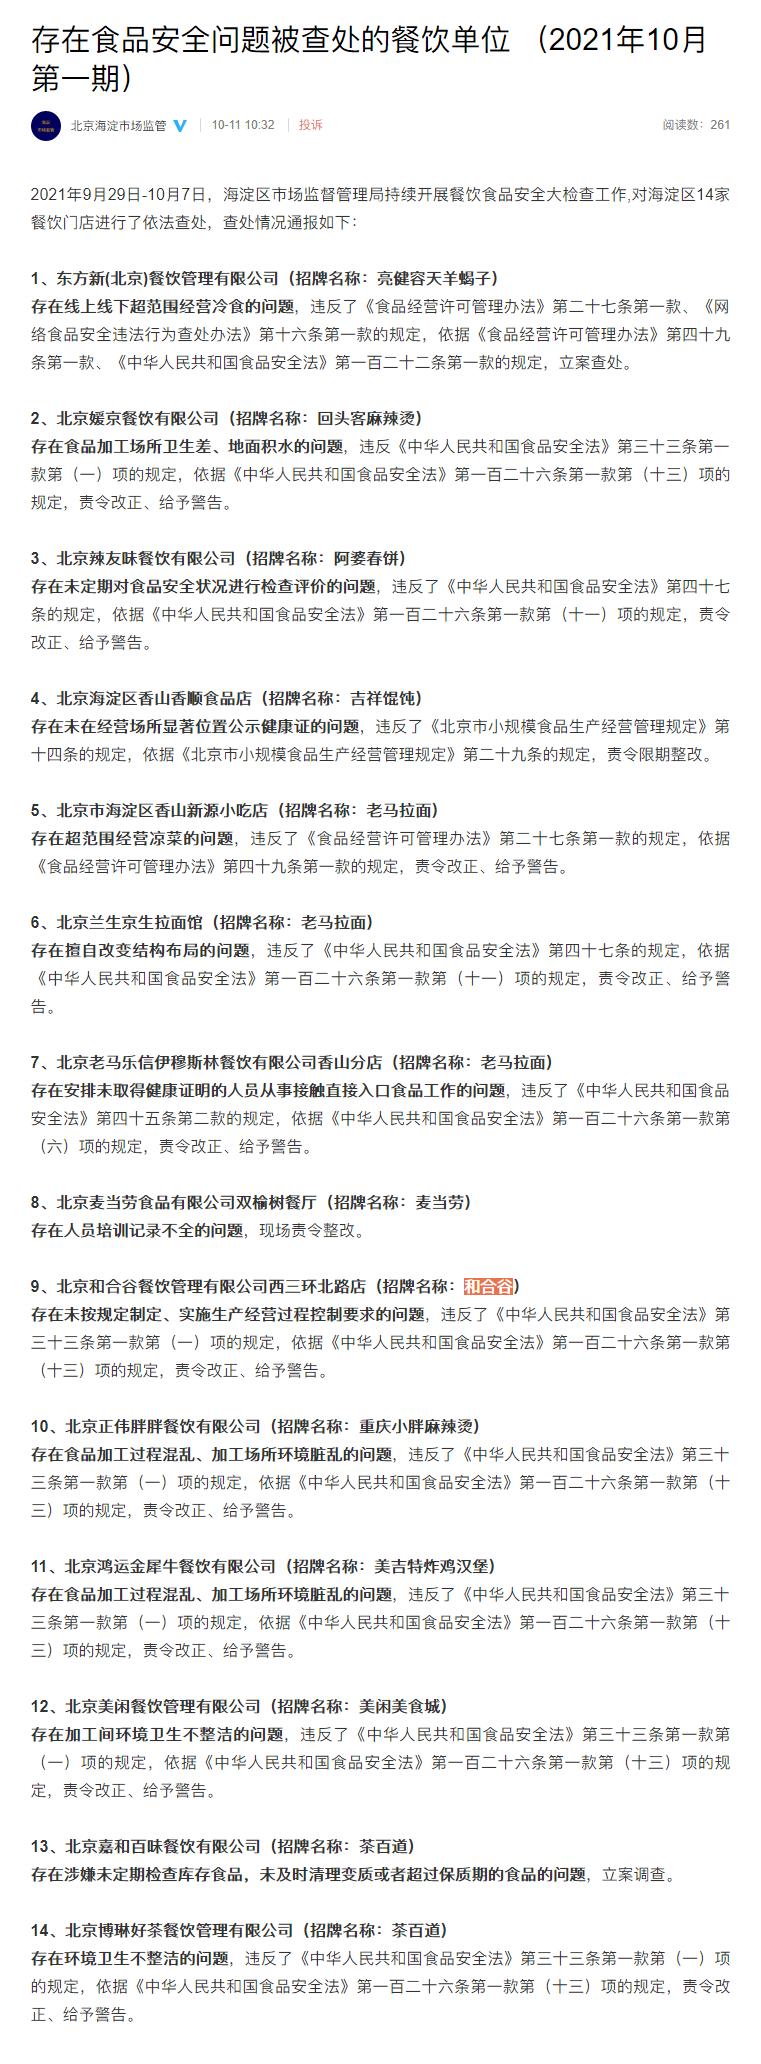 """北京海淀通报新一批""""问题餐饮店"""" 吉祥馄饨、和合谷、茶百道等上榜"""